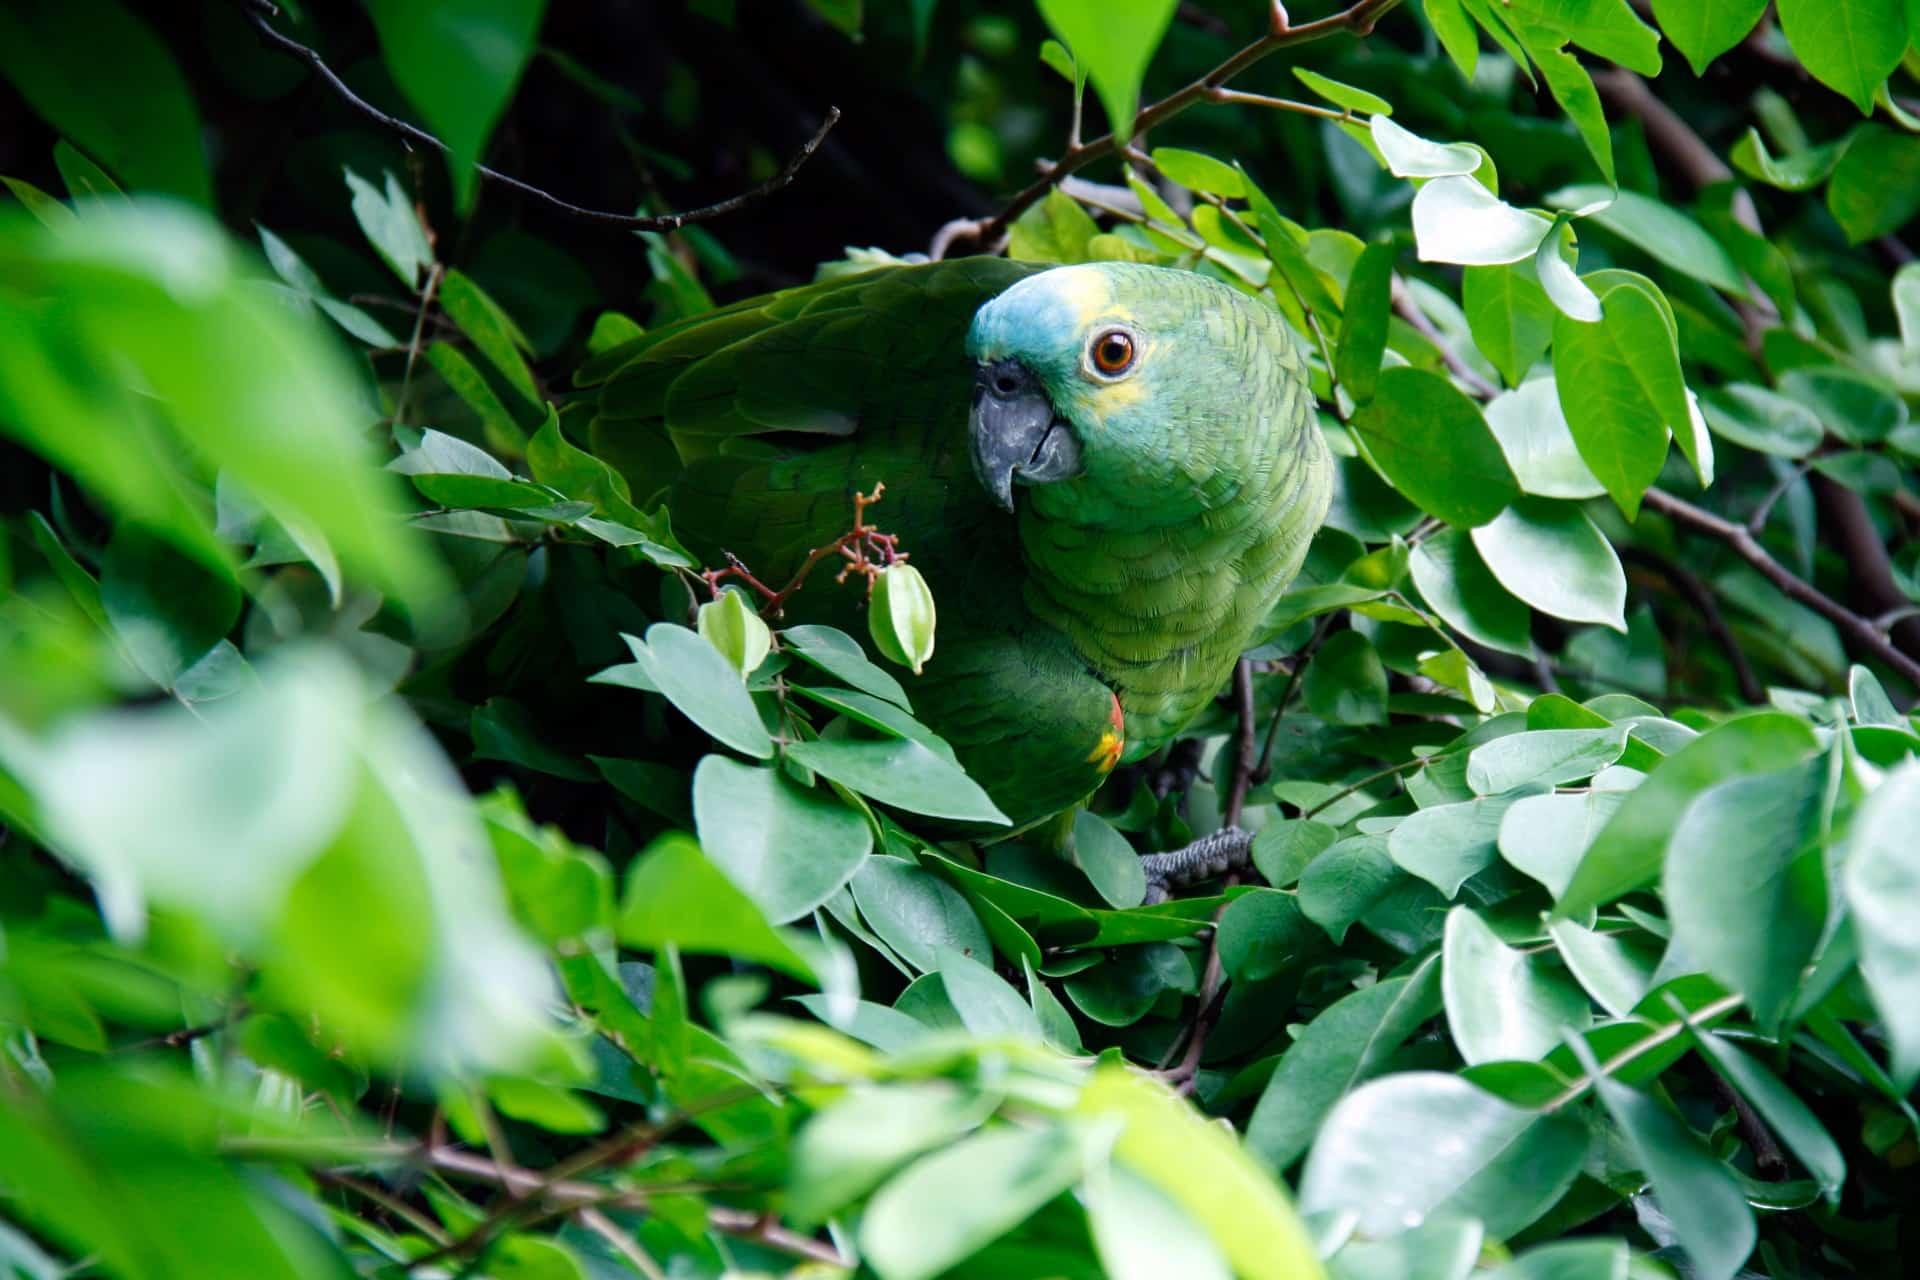 Volontariato internazionale in Brasile sull'educazione ambientale e la biodiversità